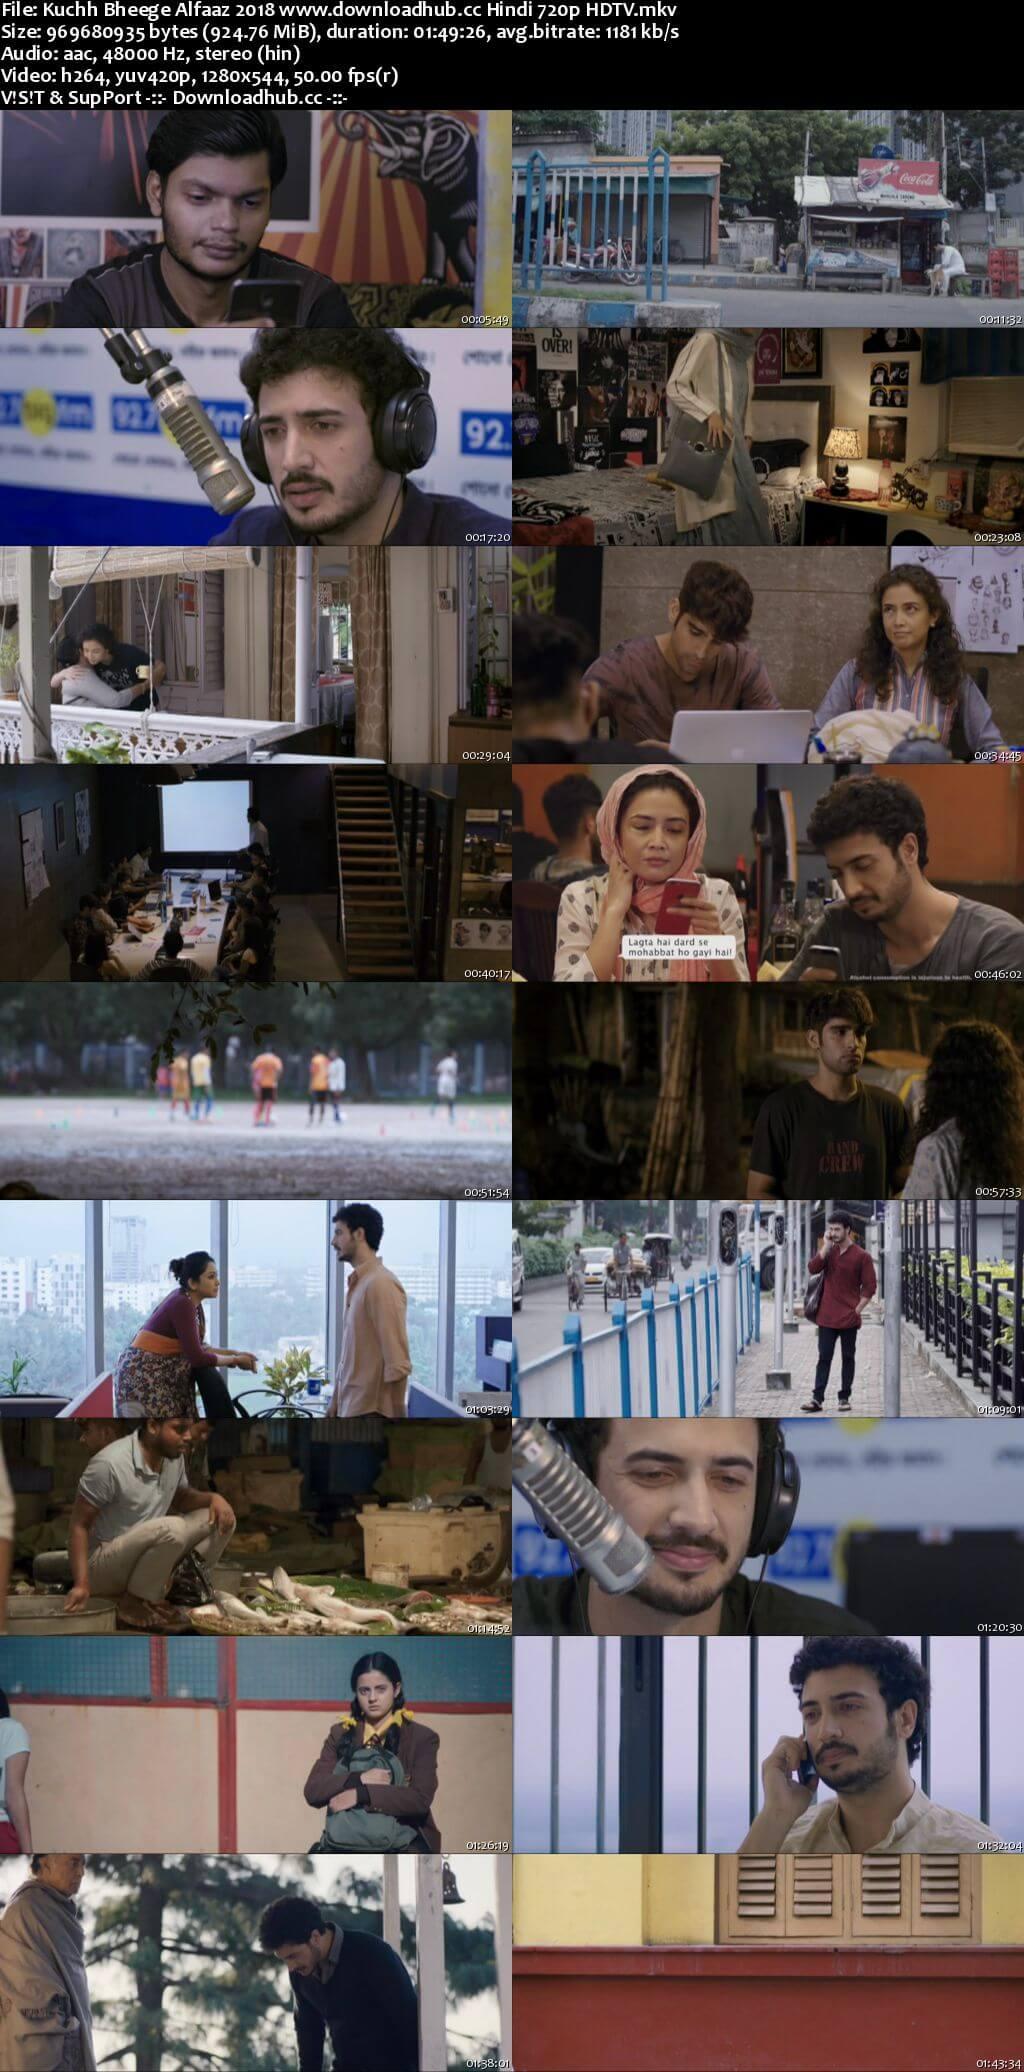 Kuchh Bheege Alfaaz 2018 Hindi 720p HDTV x264